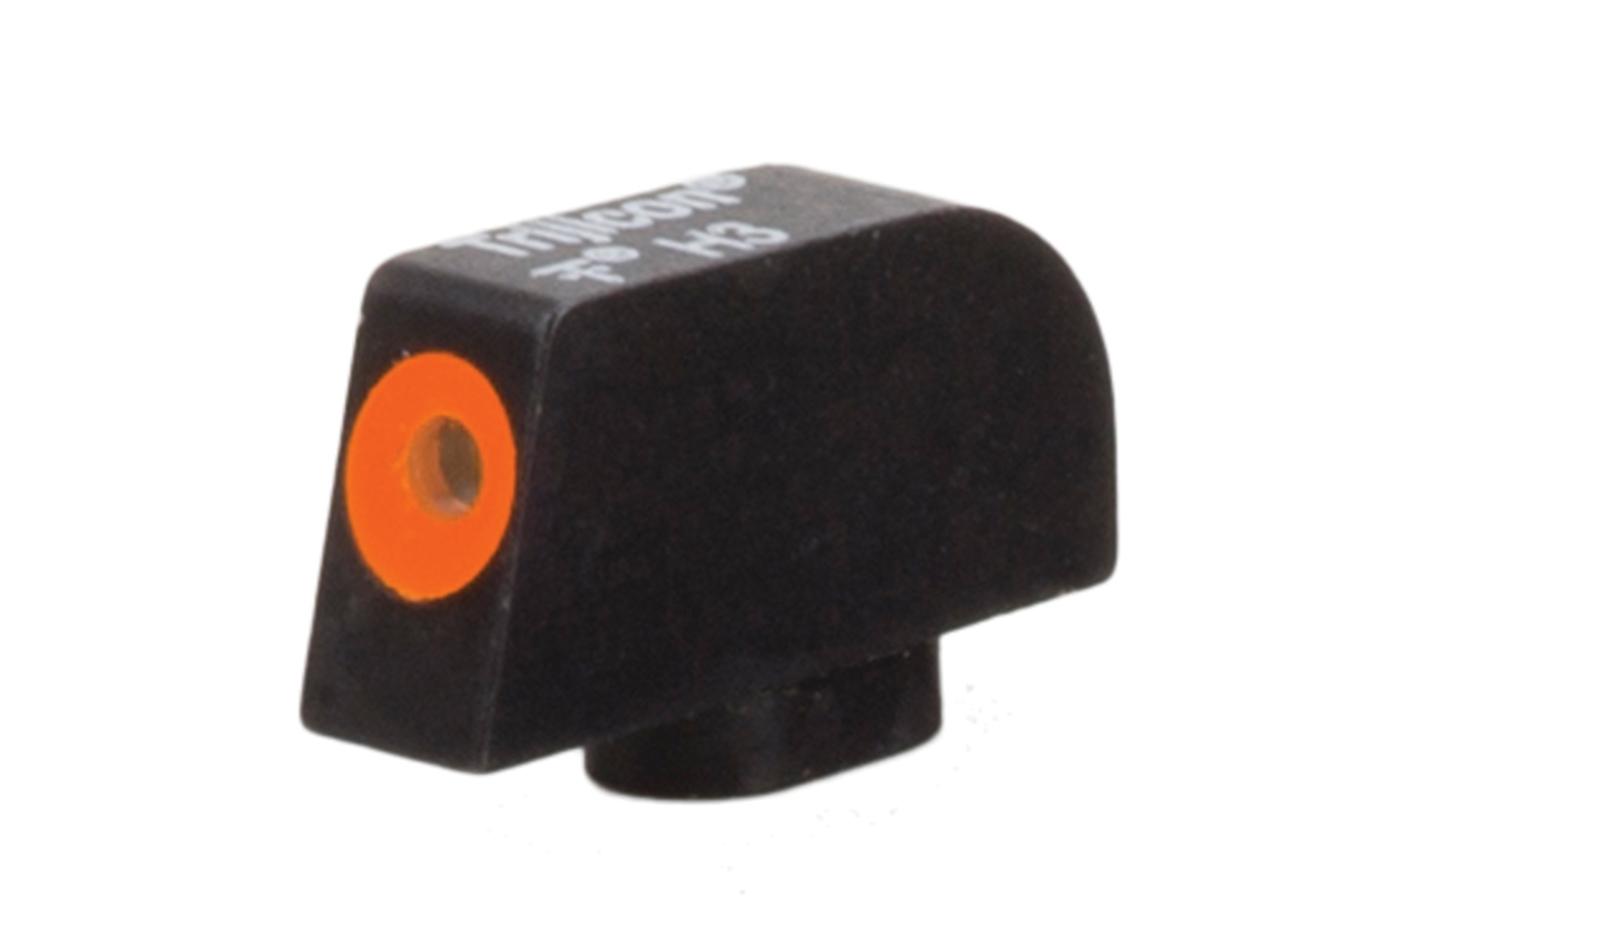 GL601-C-600838 angle 1